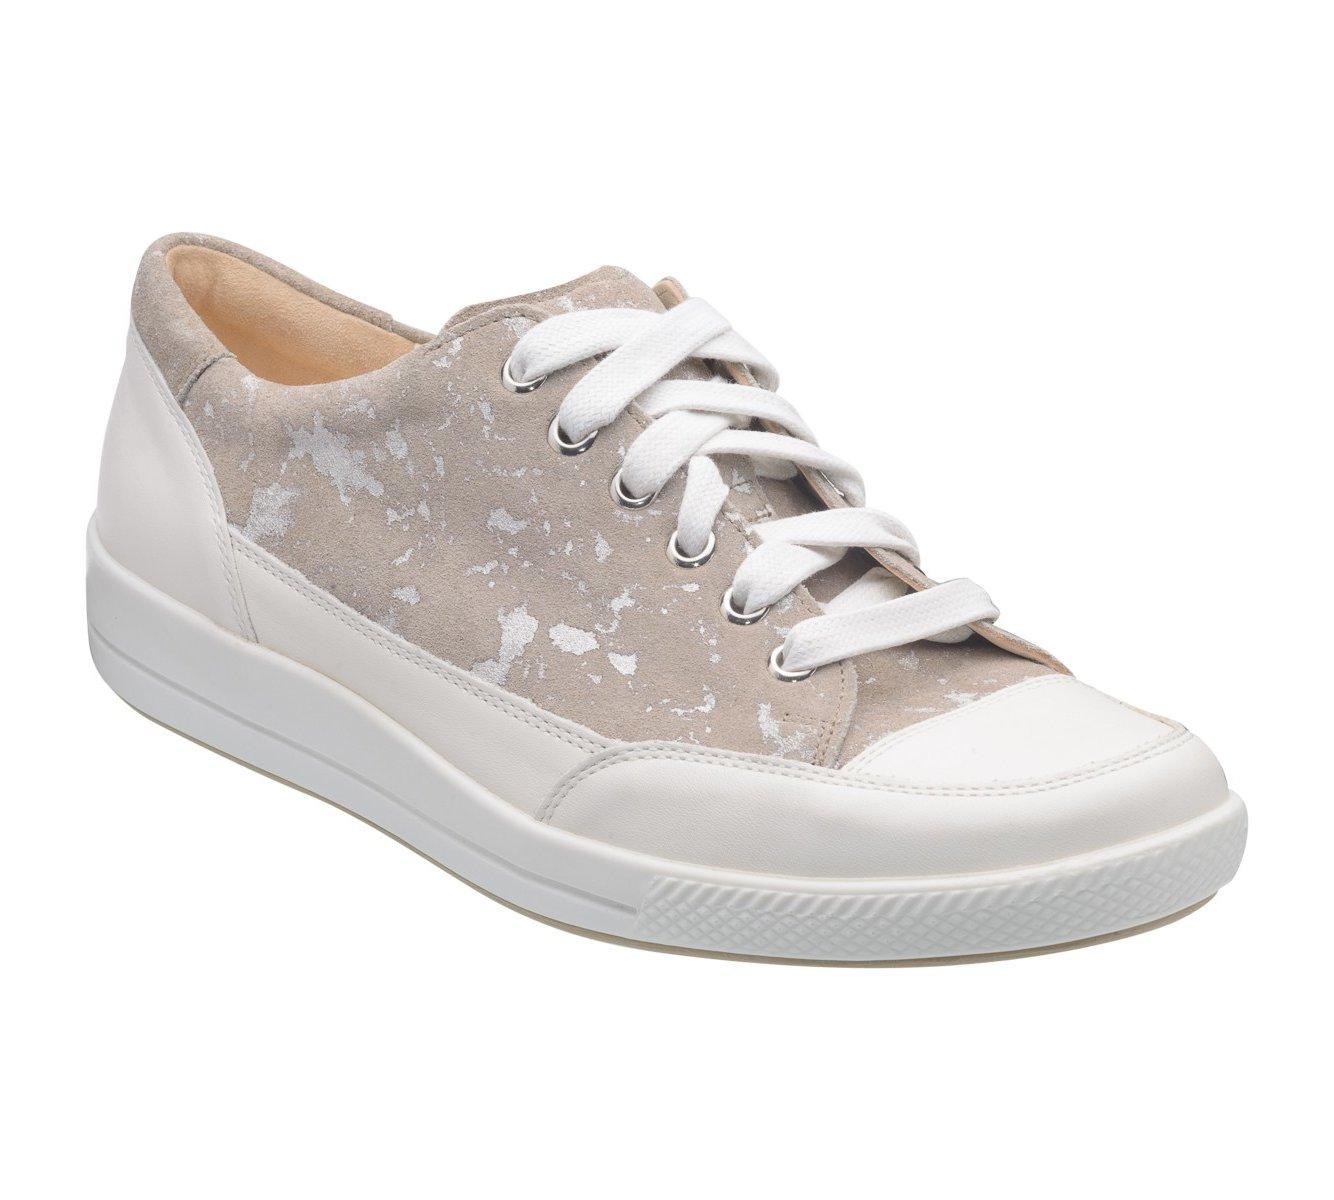 87495c1de2c313 ᐈ Ортопедичні туфлі Giulietta, Ganter (3-20 4147) — купить в Орто-Лайн